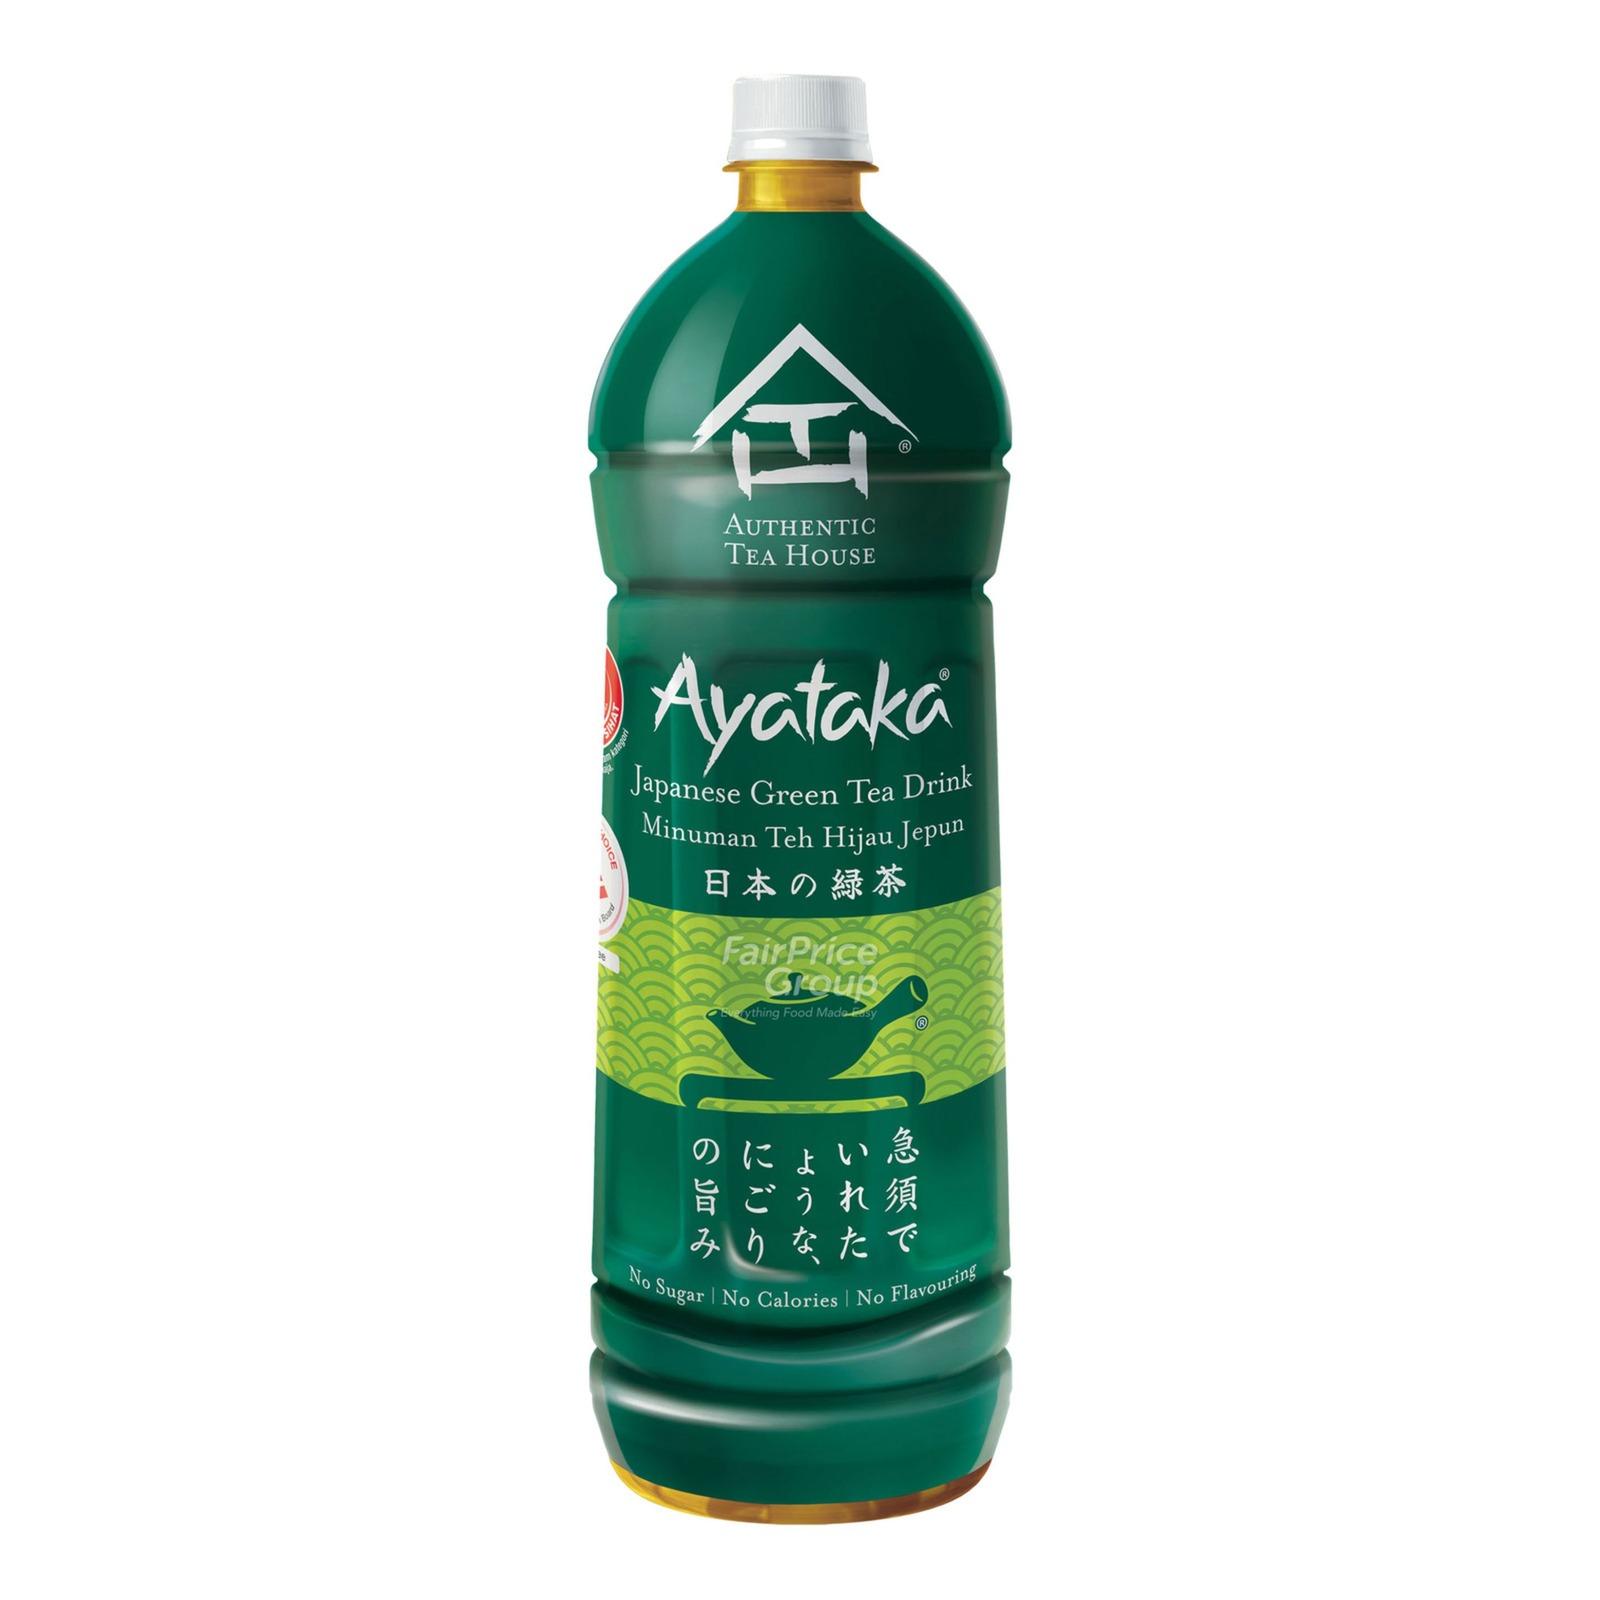 Authentic Tea House Bottle Drink - Ayataka Green Tea